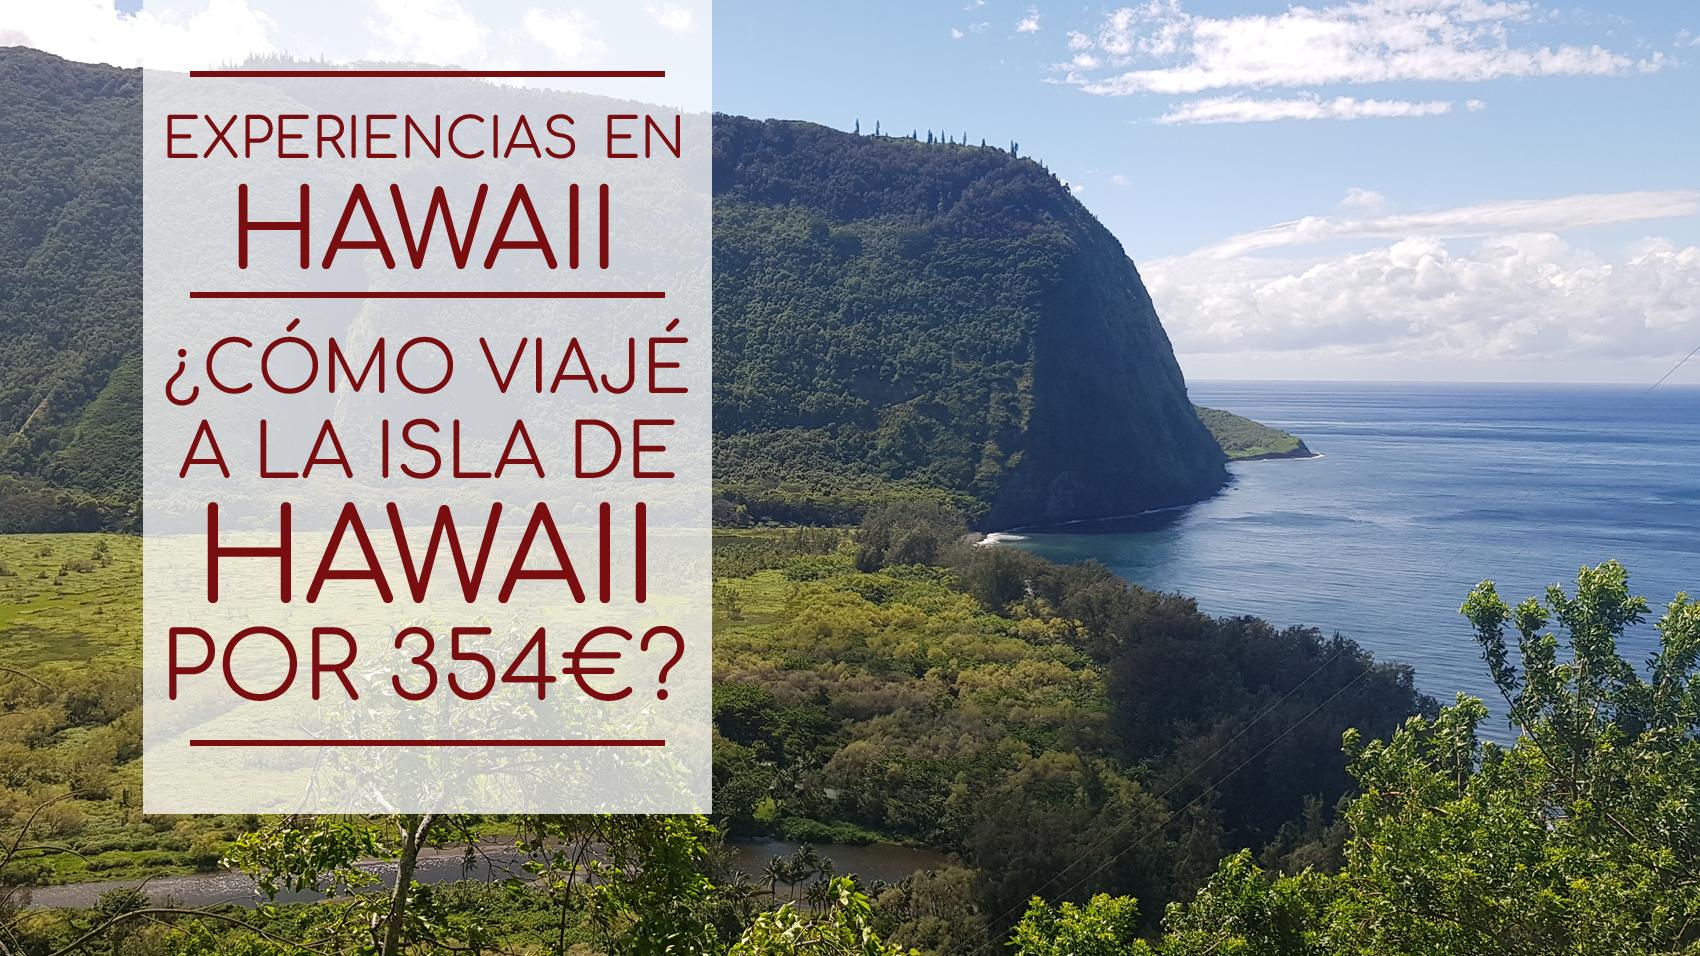 Hawaii - ¿Cómo viajé a Hawaii por 354€?